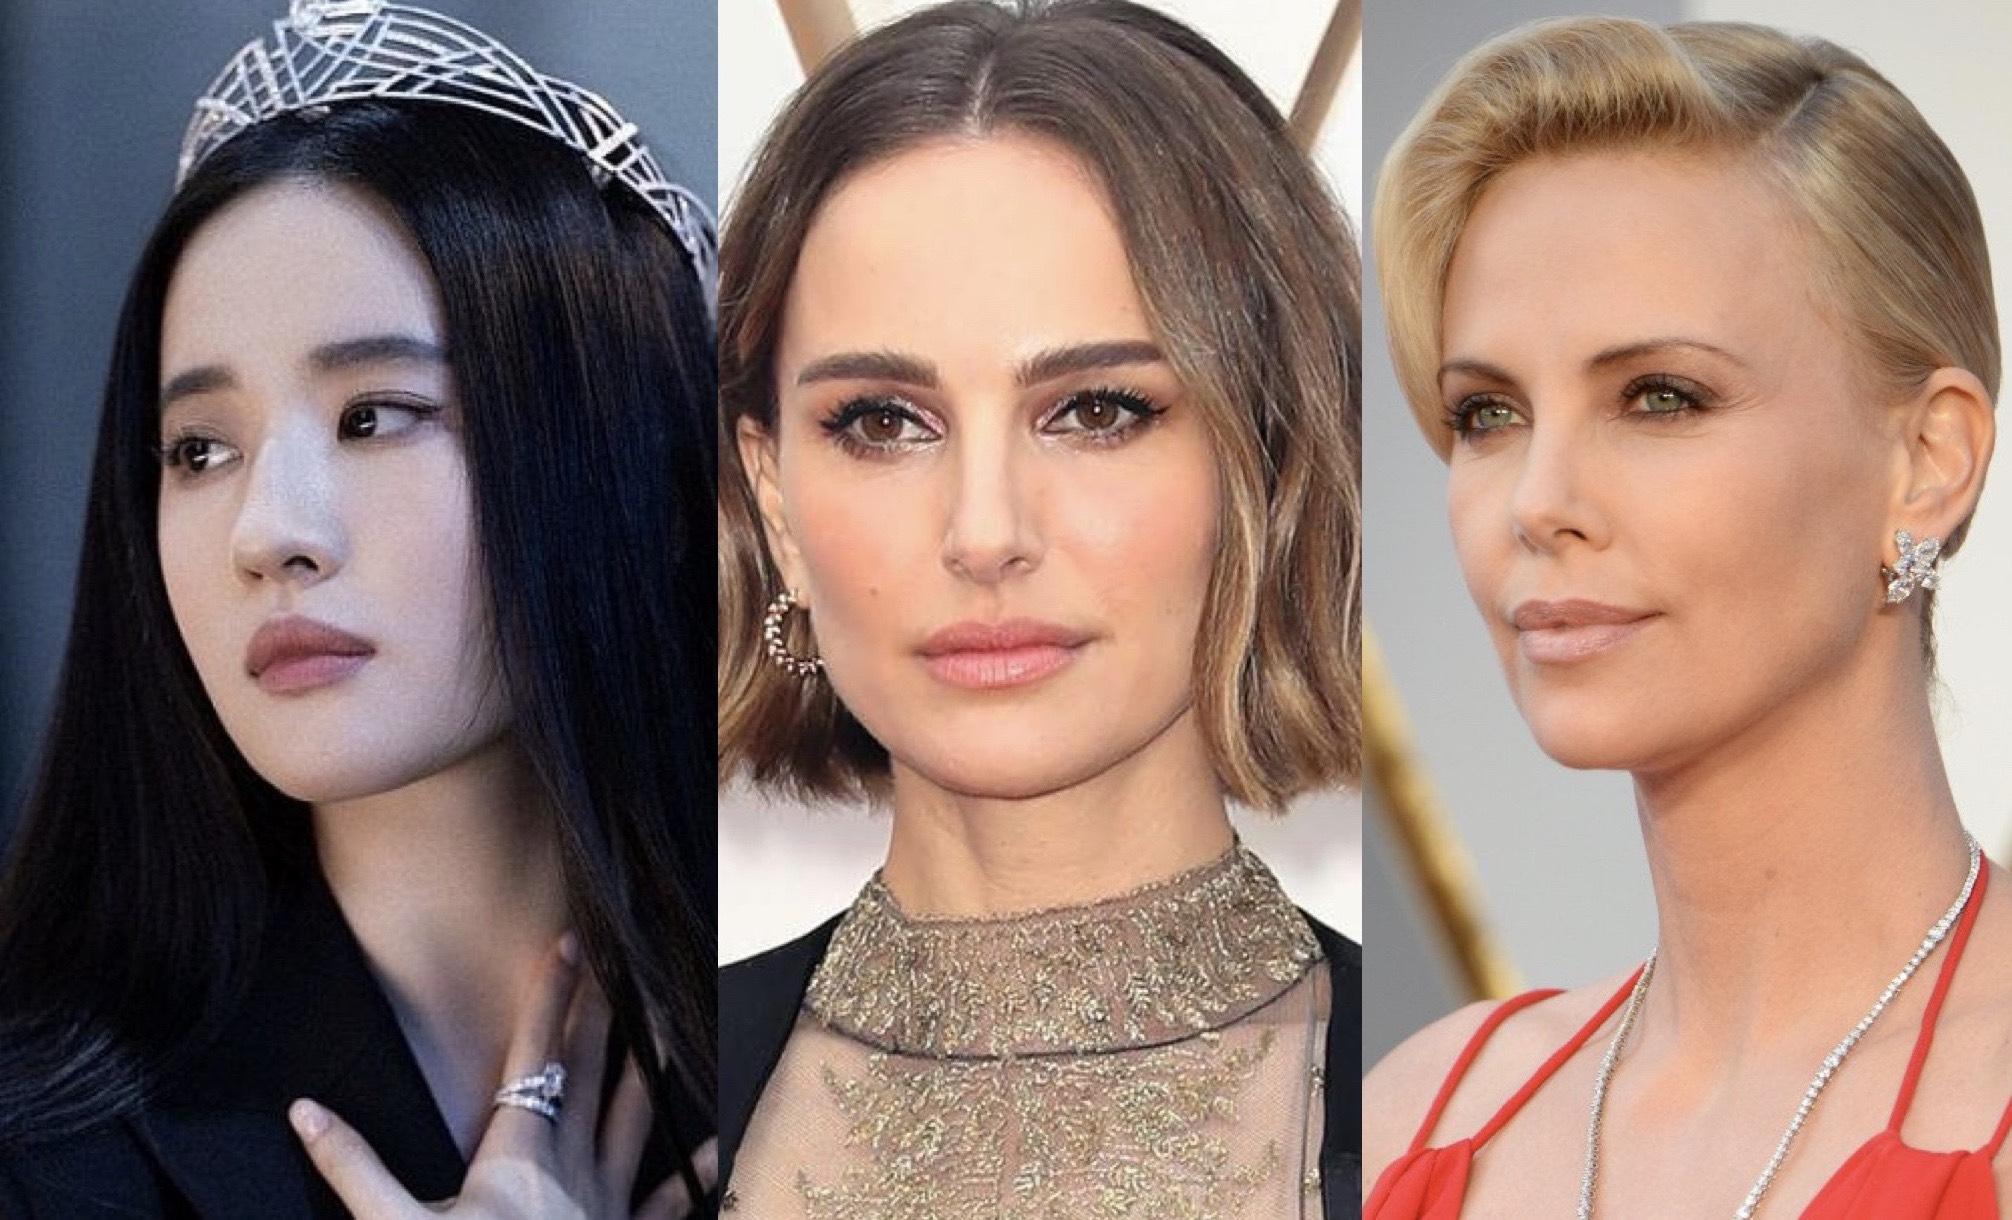 Lưu Diệc Phi đứng cạnh minh tinh tầm cỡ Natalie Portman, Charlize Theron trong hạng mục Nữ Diễn Viên Chính Xuất Sắc tại Giải Sao Thổ của Viện Hàn Lâm Mỹ